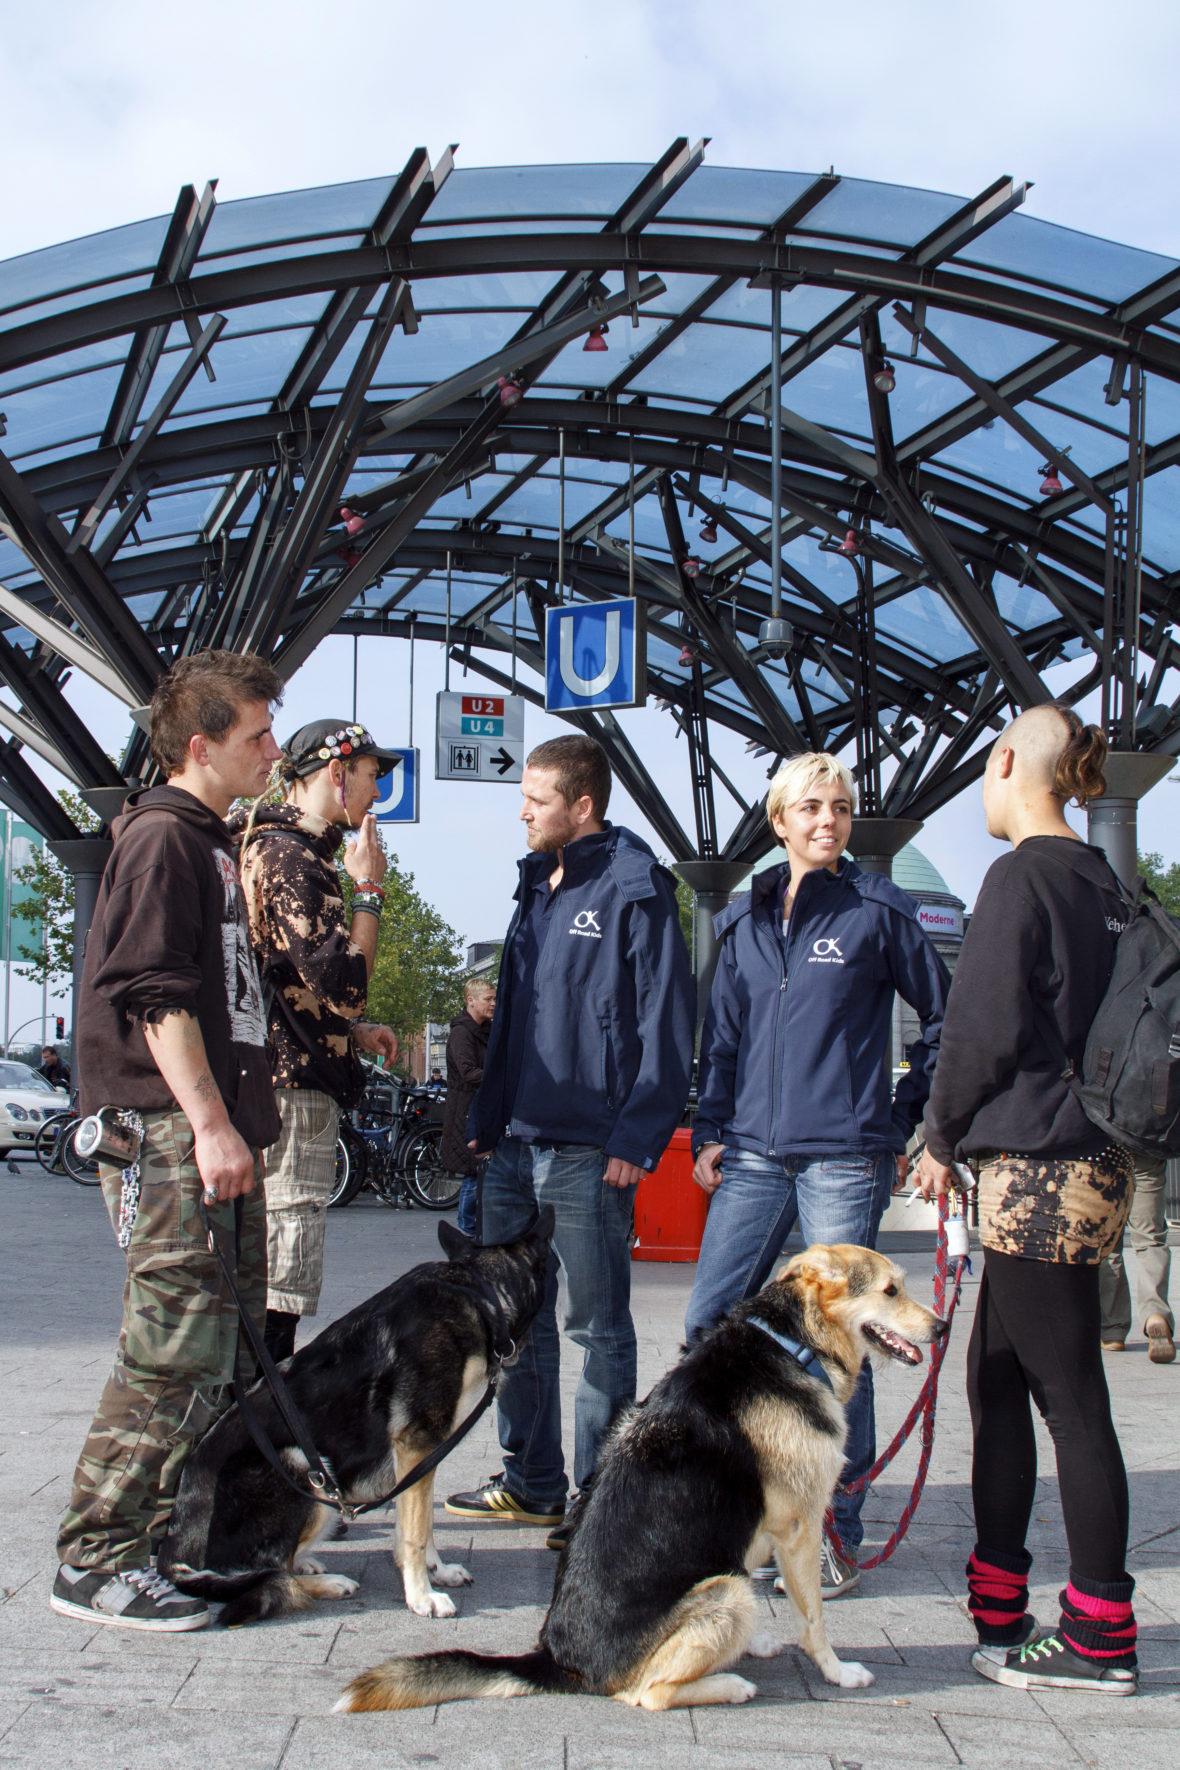 Zwei Sozialarbeiter stehen mit drei Jugendlichen und ihren Hunden am Bahnhof und unterhalten sich.